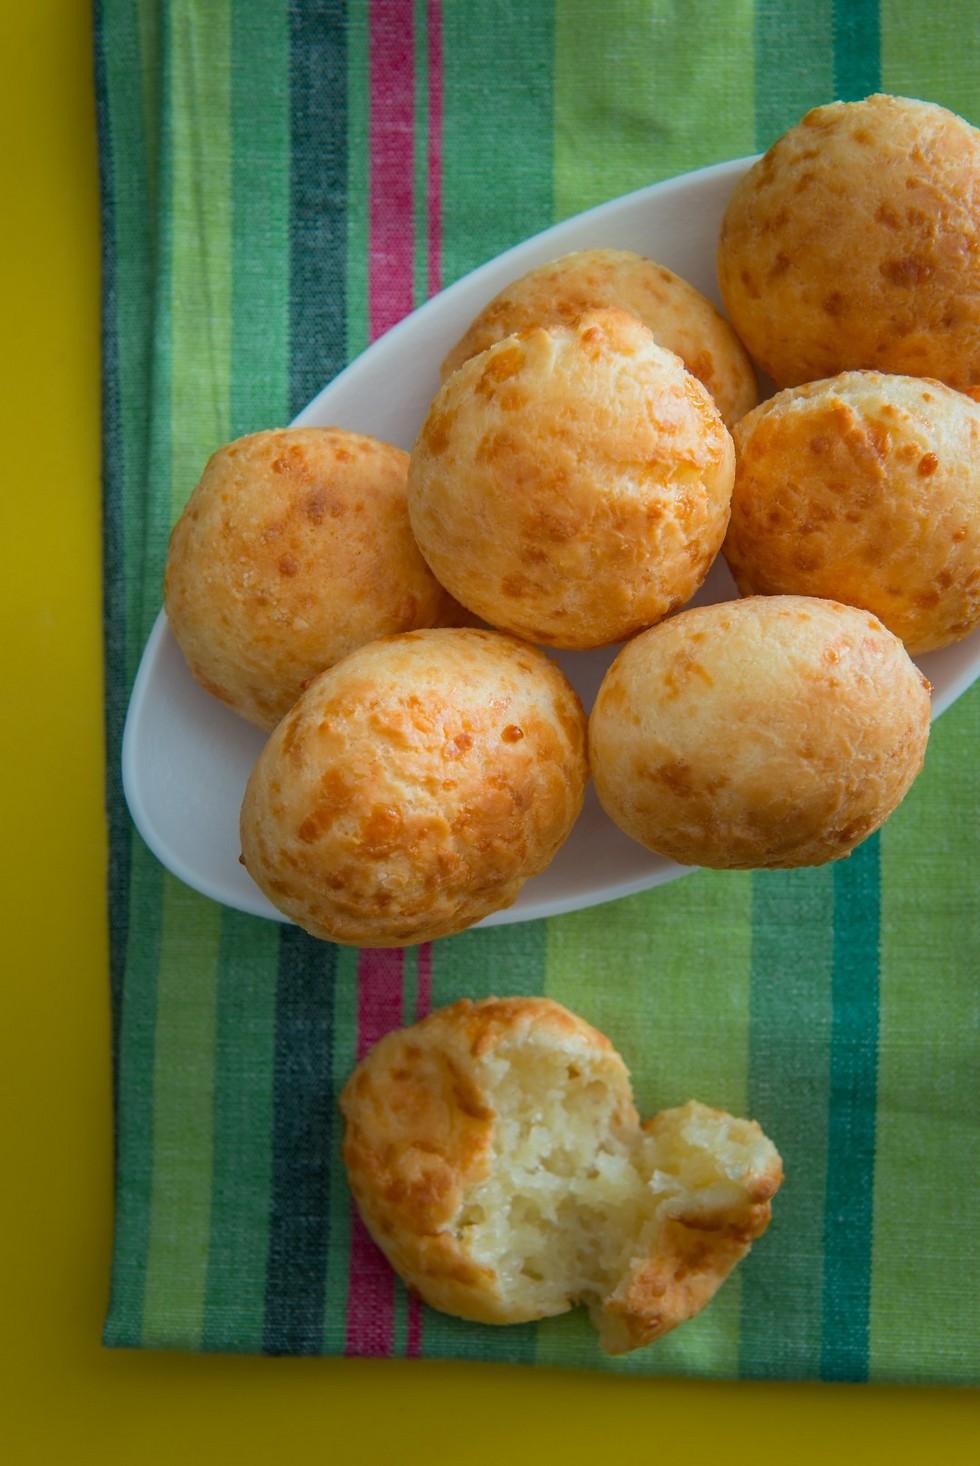 כדורי גבינה (צילום: ירון ברנר) (צילום: ירון ברנר)